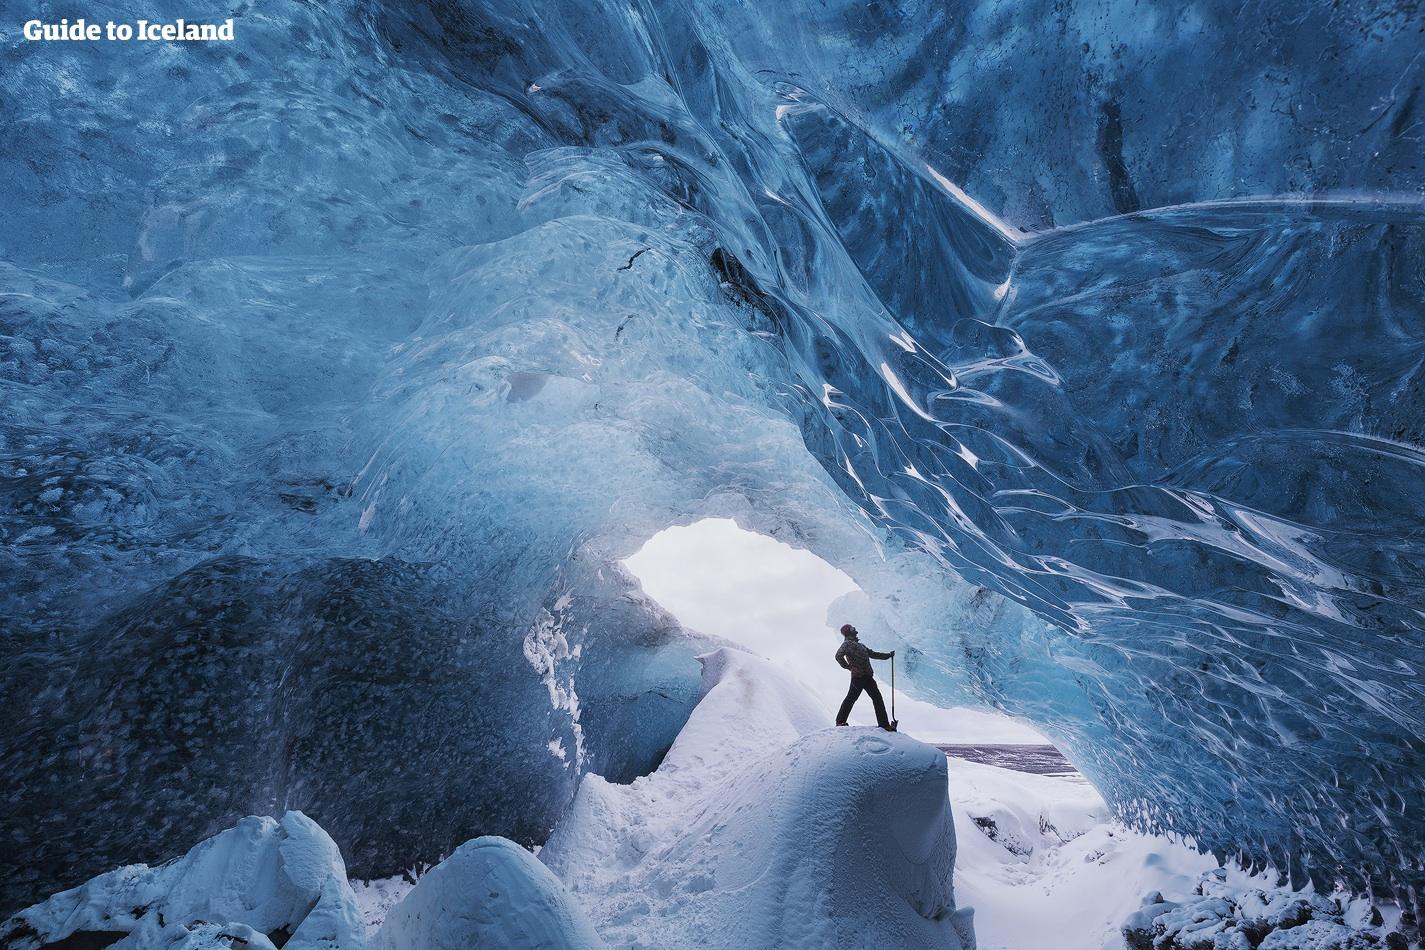 Bei einer Eishöhlen-Tour sind Helme und Klettereisen Pflicht, trage also eine dünne Mütze und ordentliche Wanderstiefel.